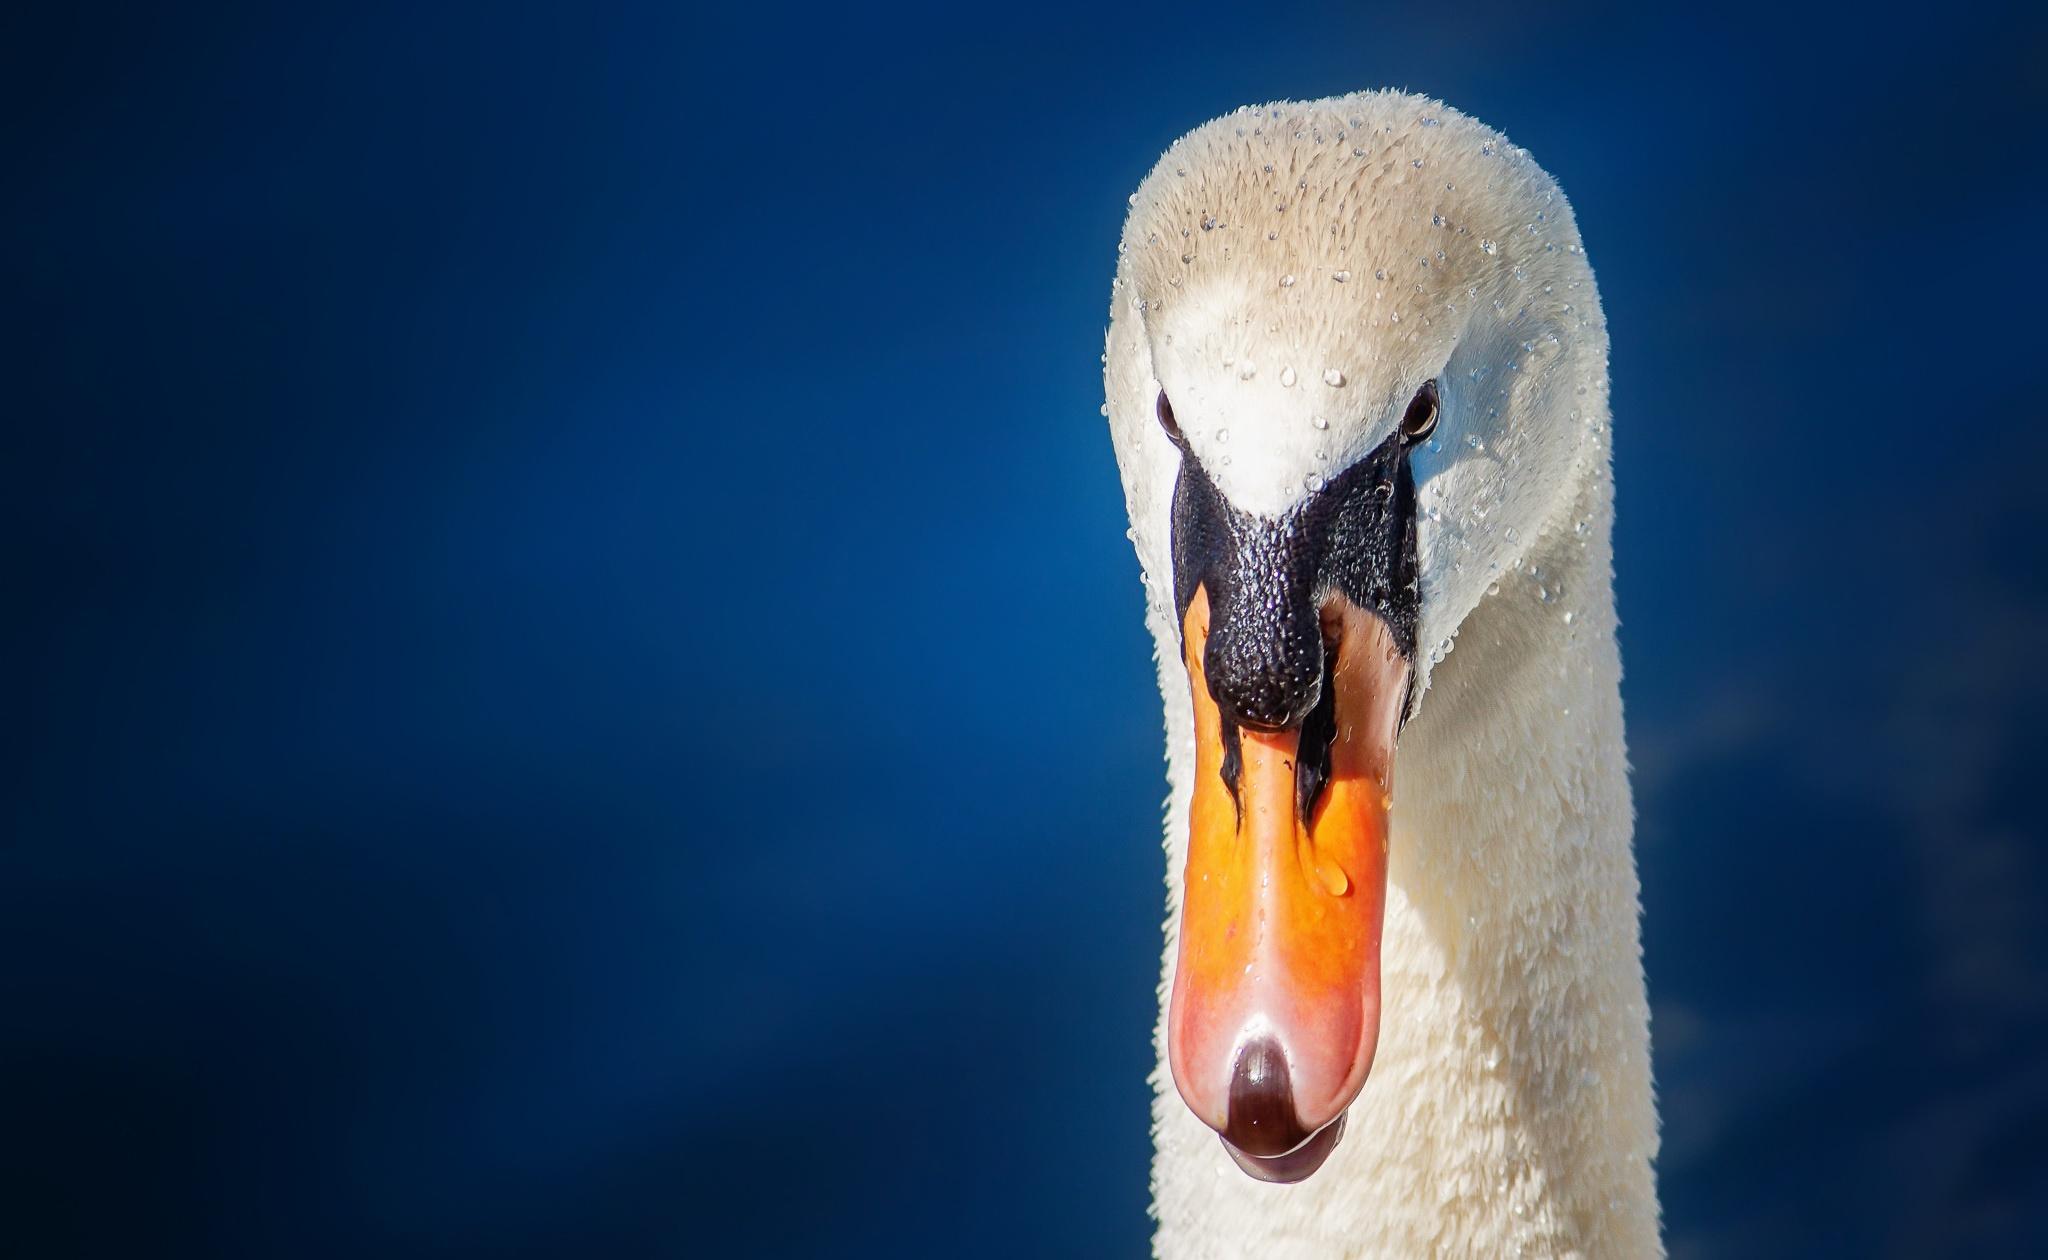 Фотография Лебеди Клюв вблизи Голова Животные Крупным планом